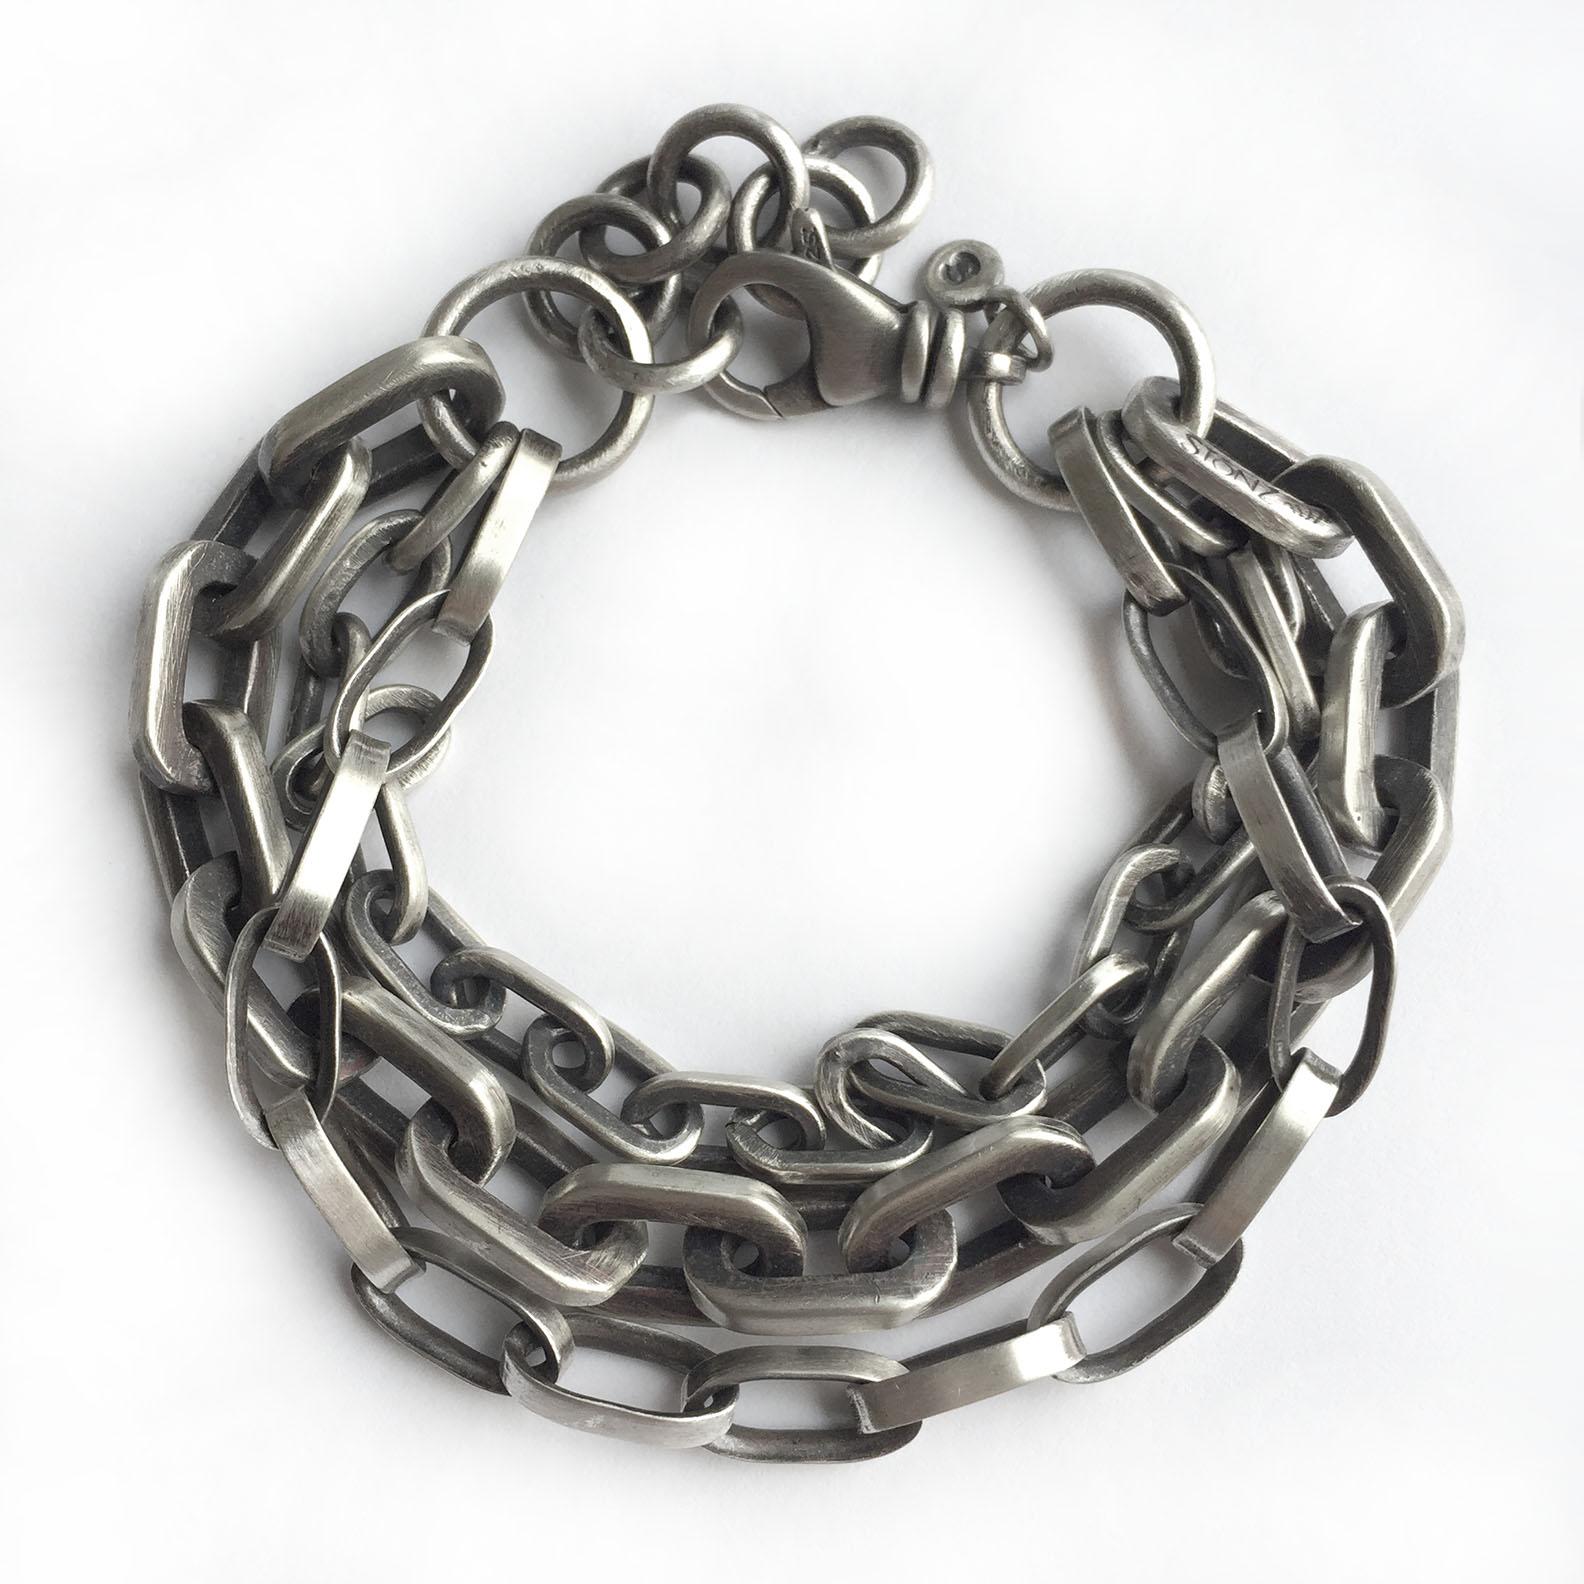 vintage sterling silver chains bracelet